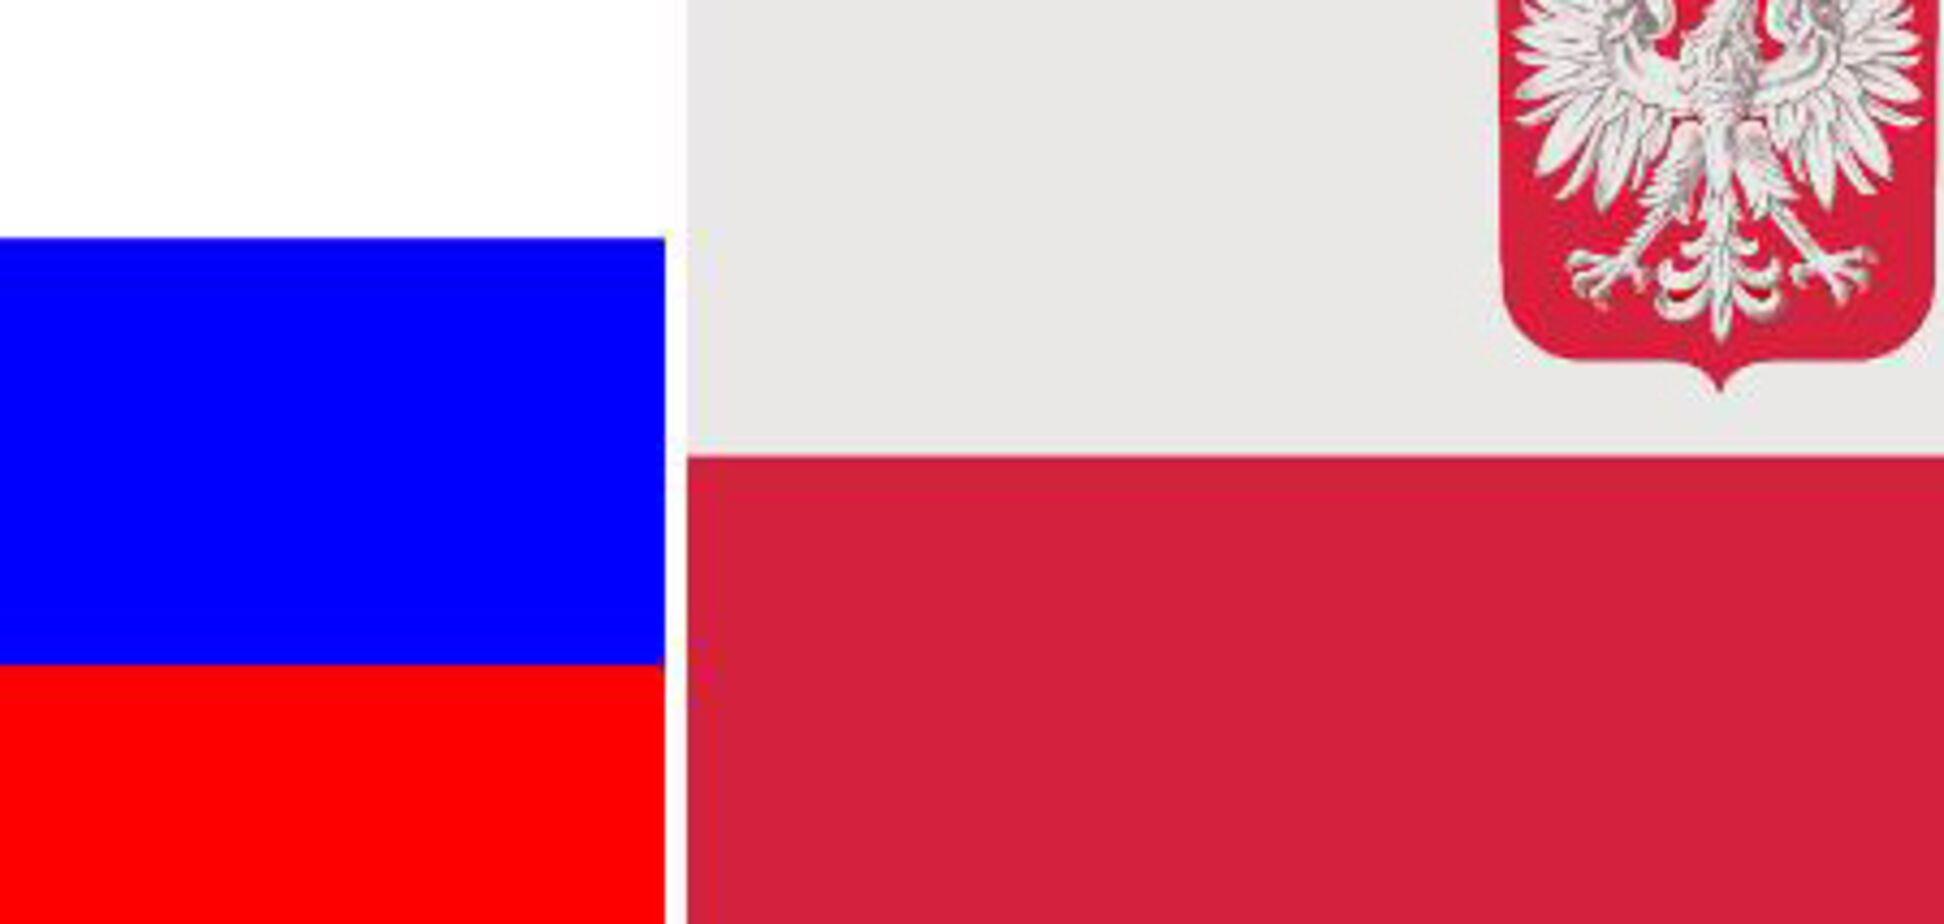 Stratfor: Польща і Росія - потепління тимчасове